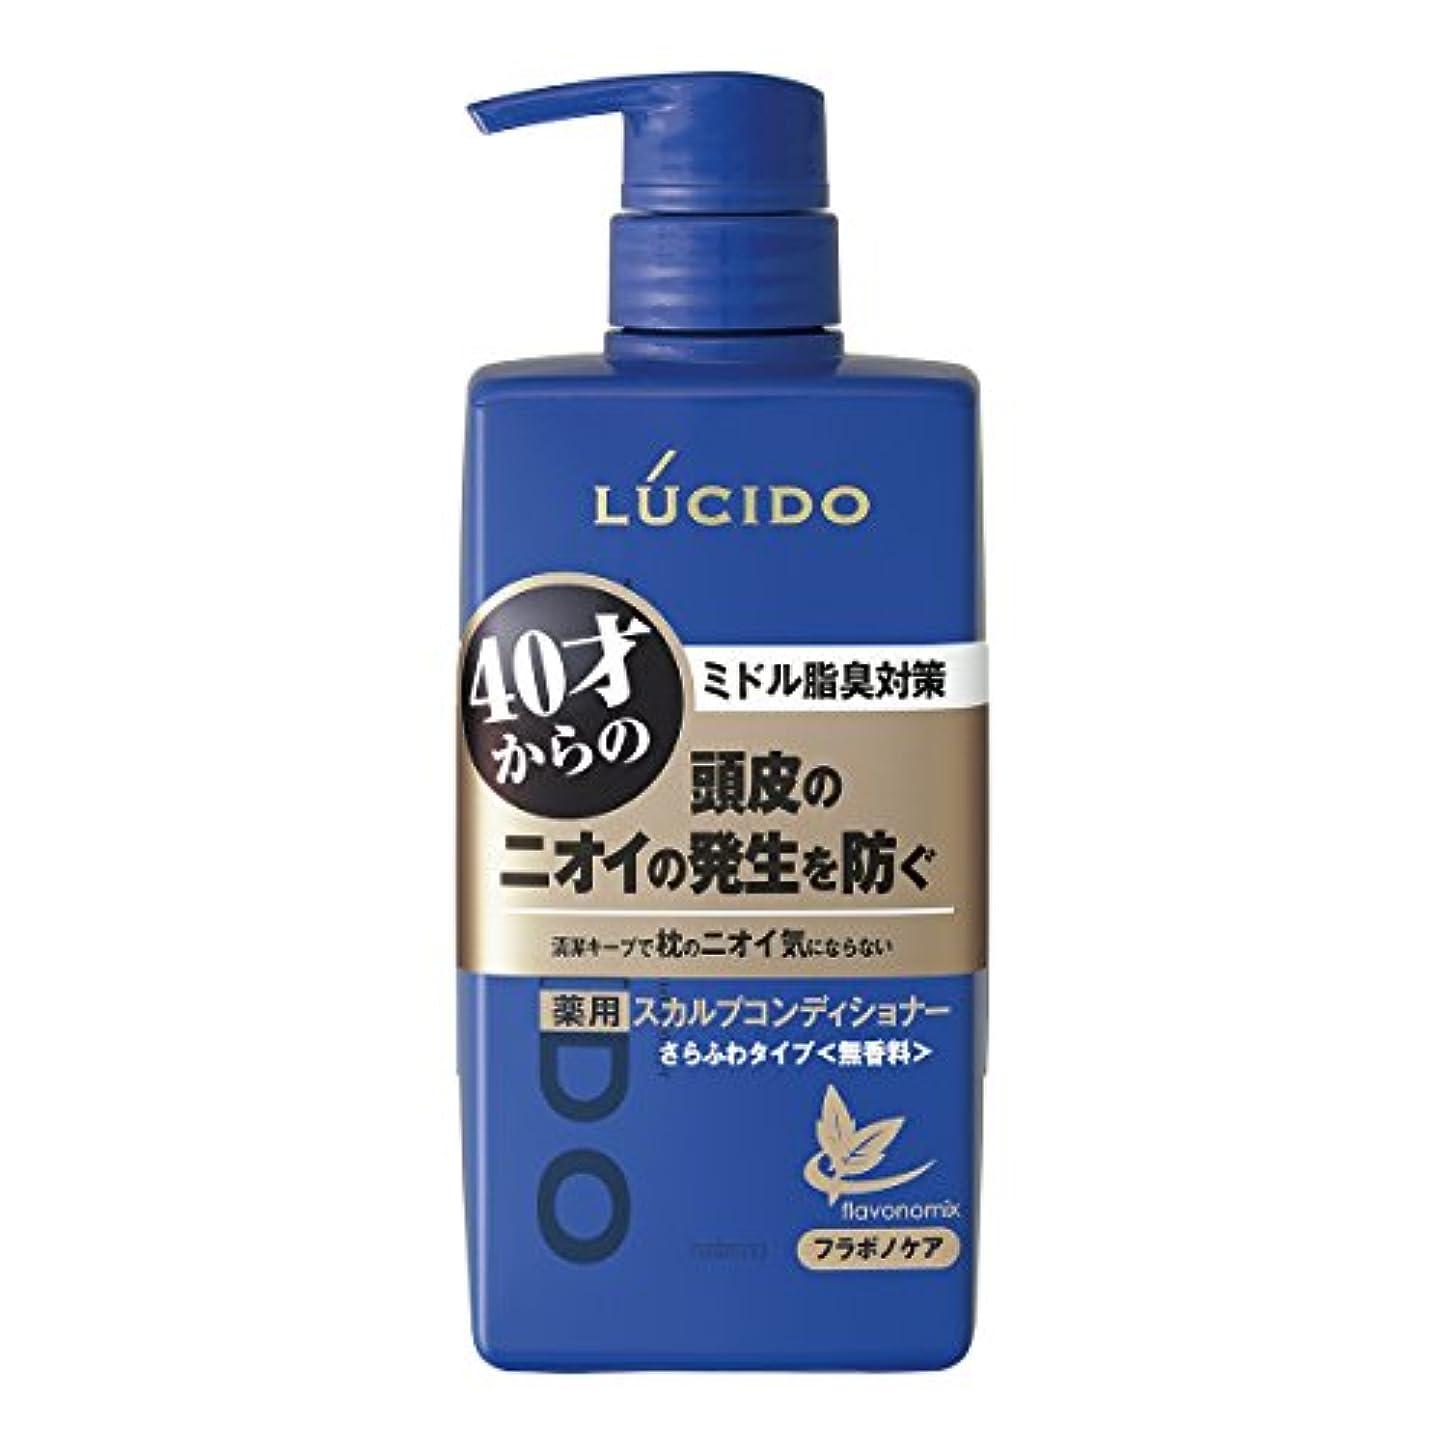 弓失礼ナチュラルルシード 薬用ヘア&スカルプコンディショナー 450g(医薬部外品)